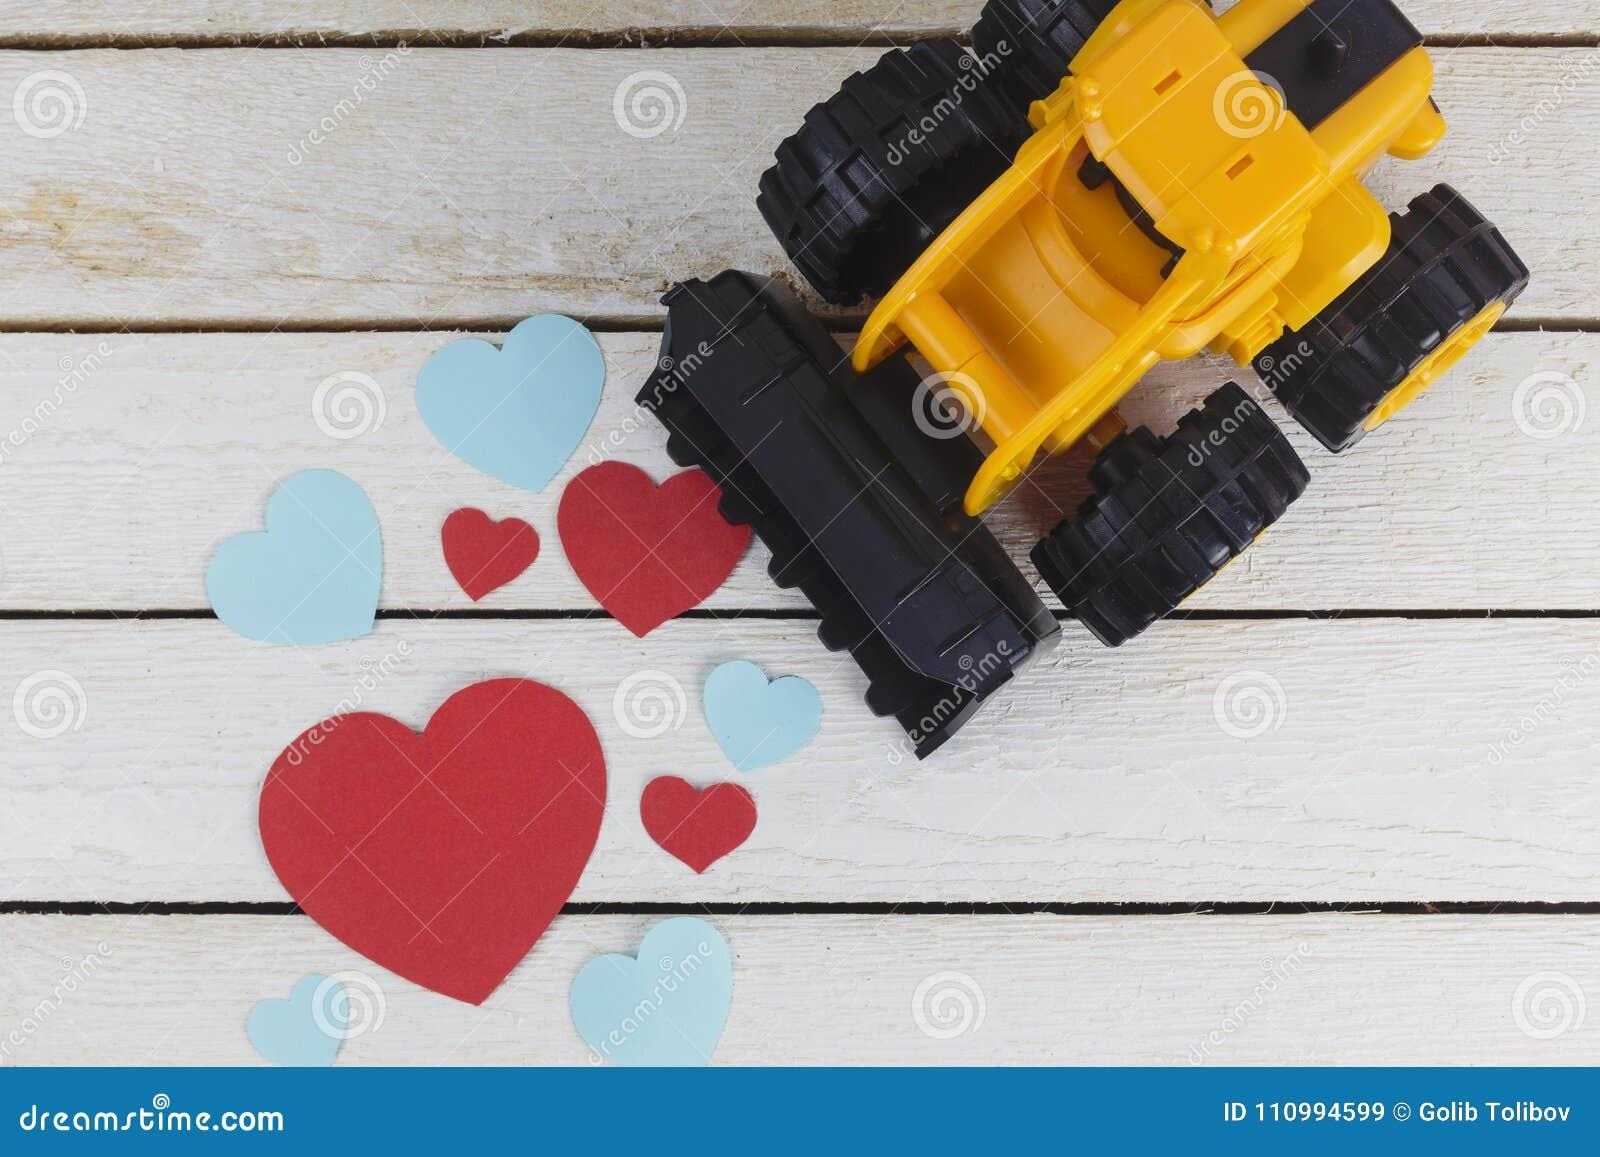 Бульдозер игрушки собирает бумажные сердца